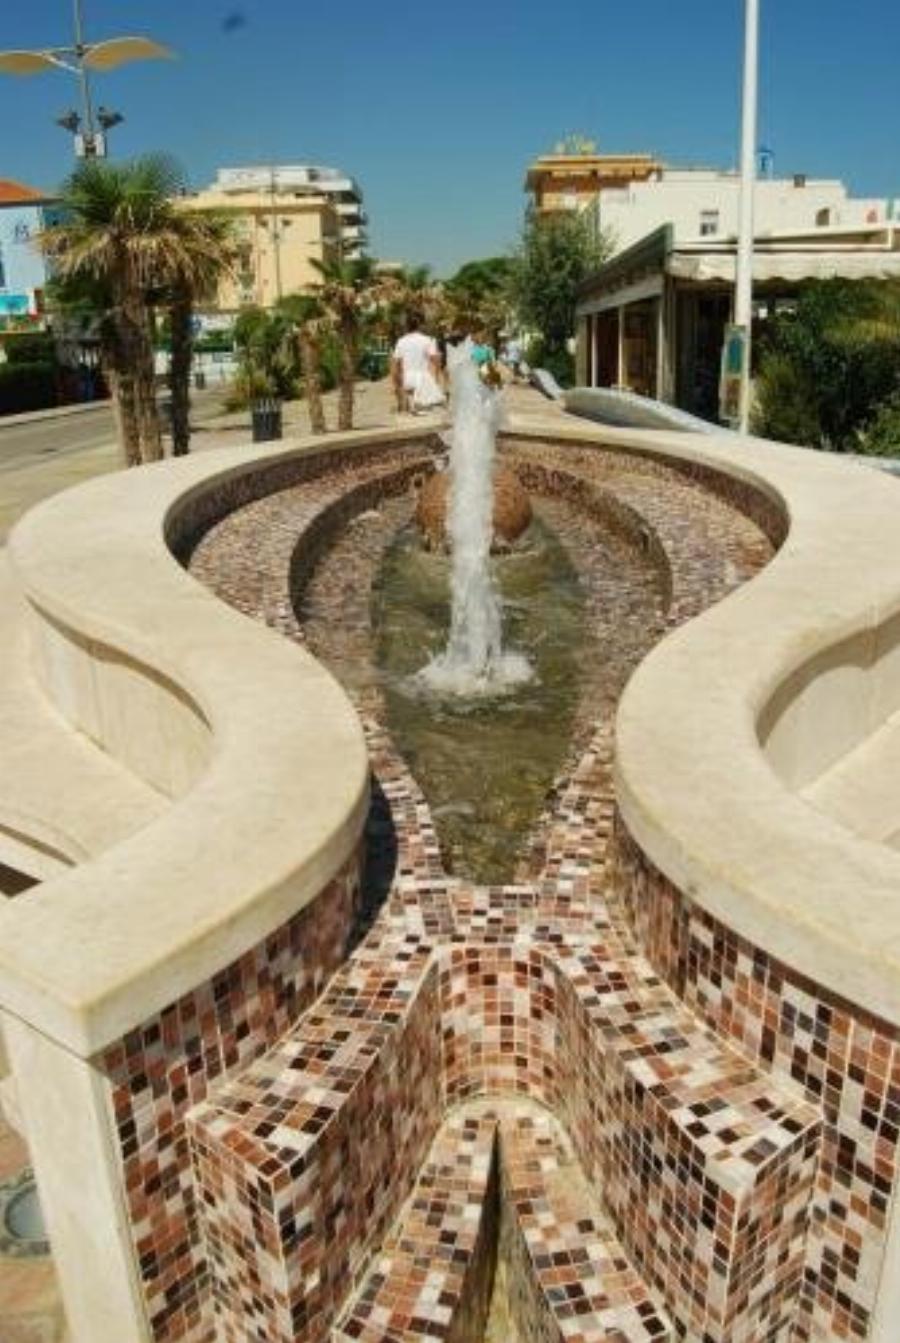 Hotel Riviera Misano Adriatico